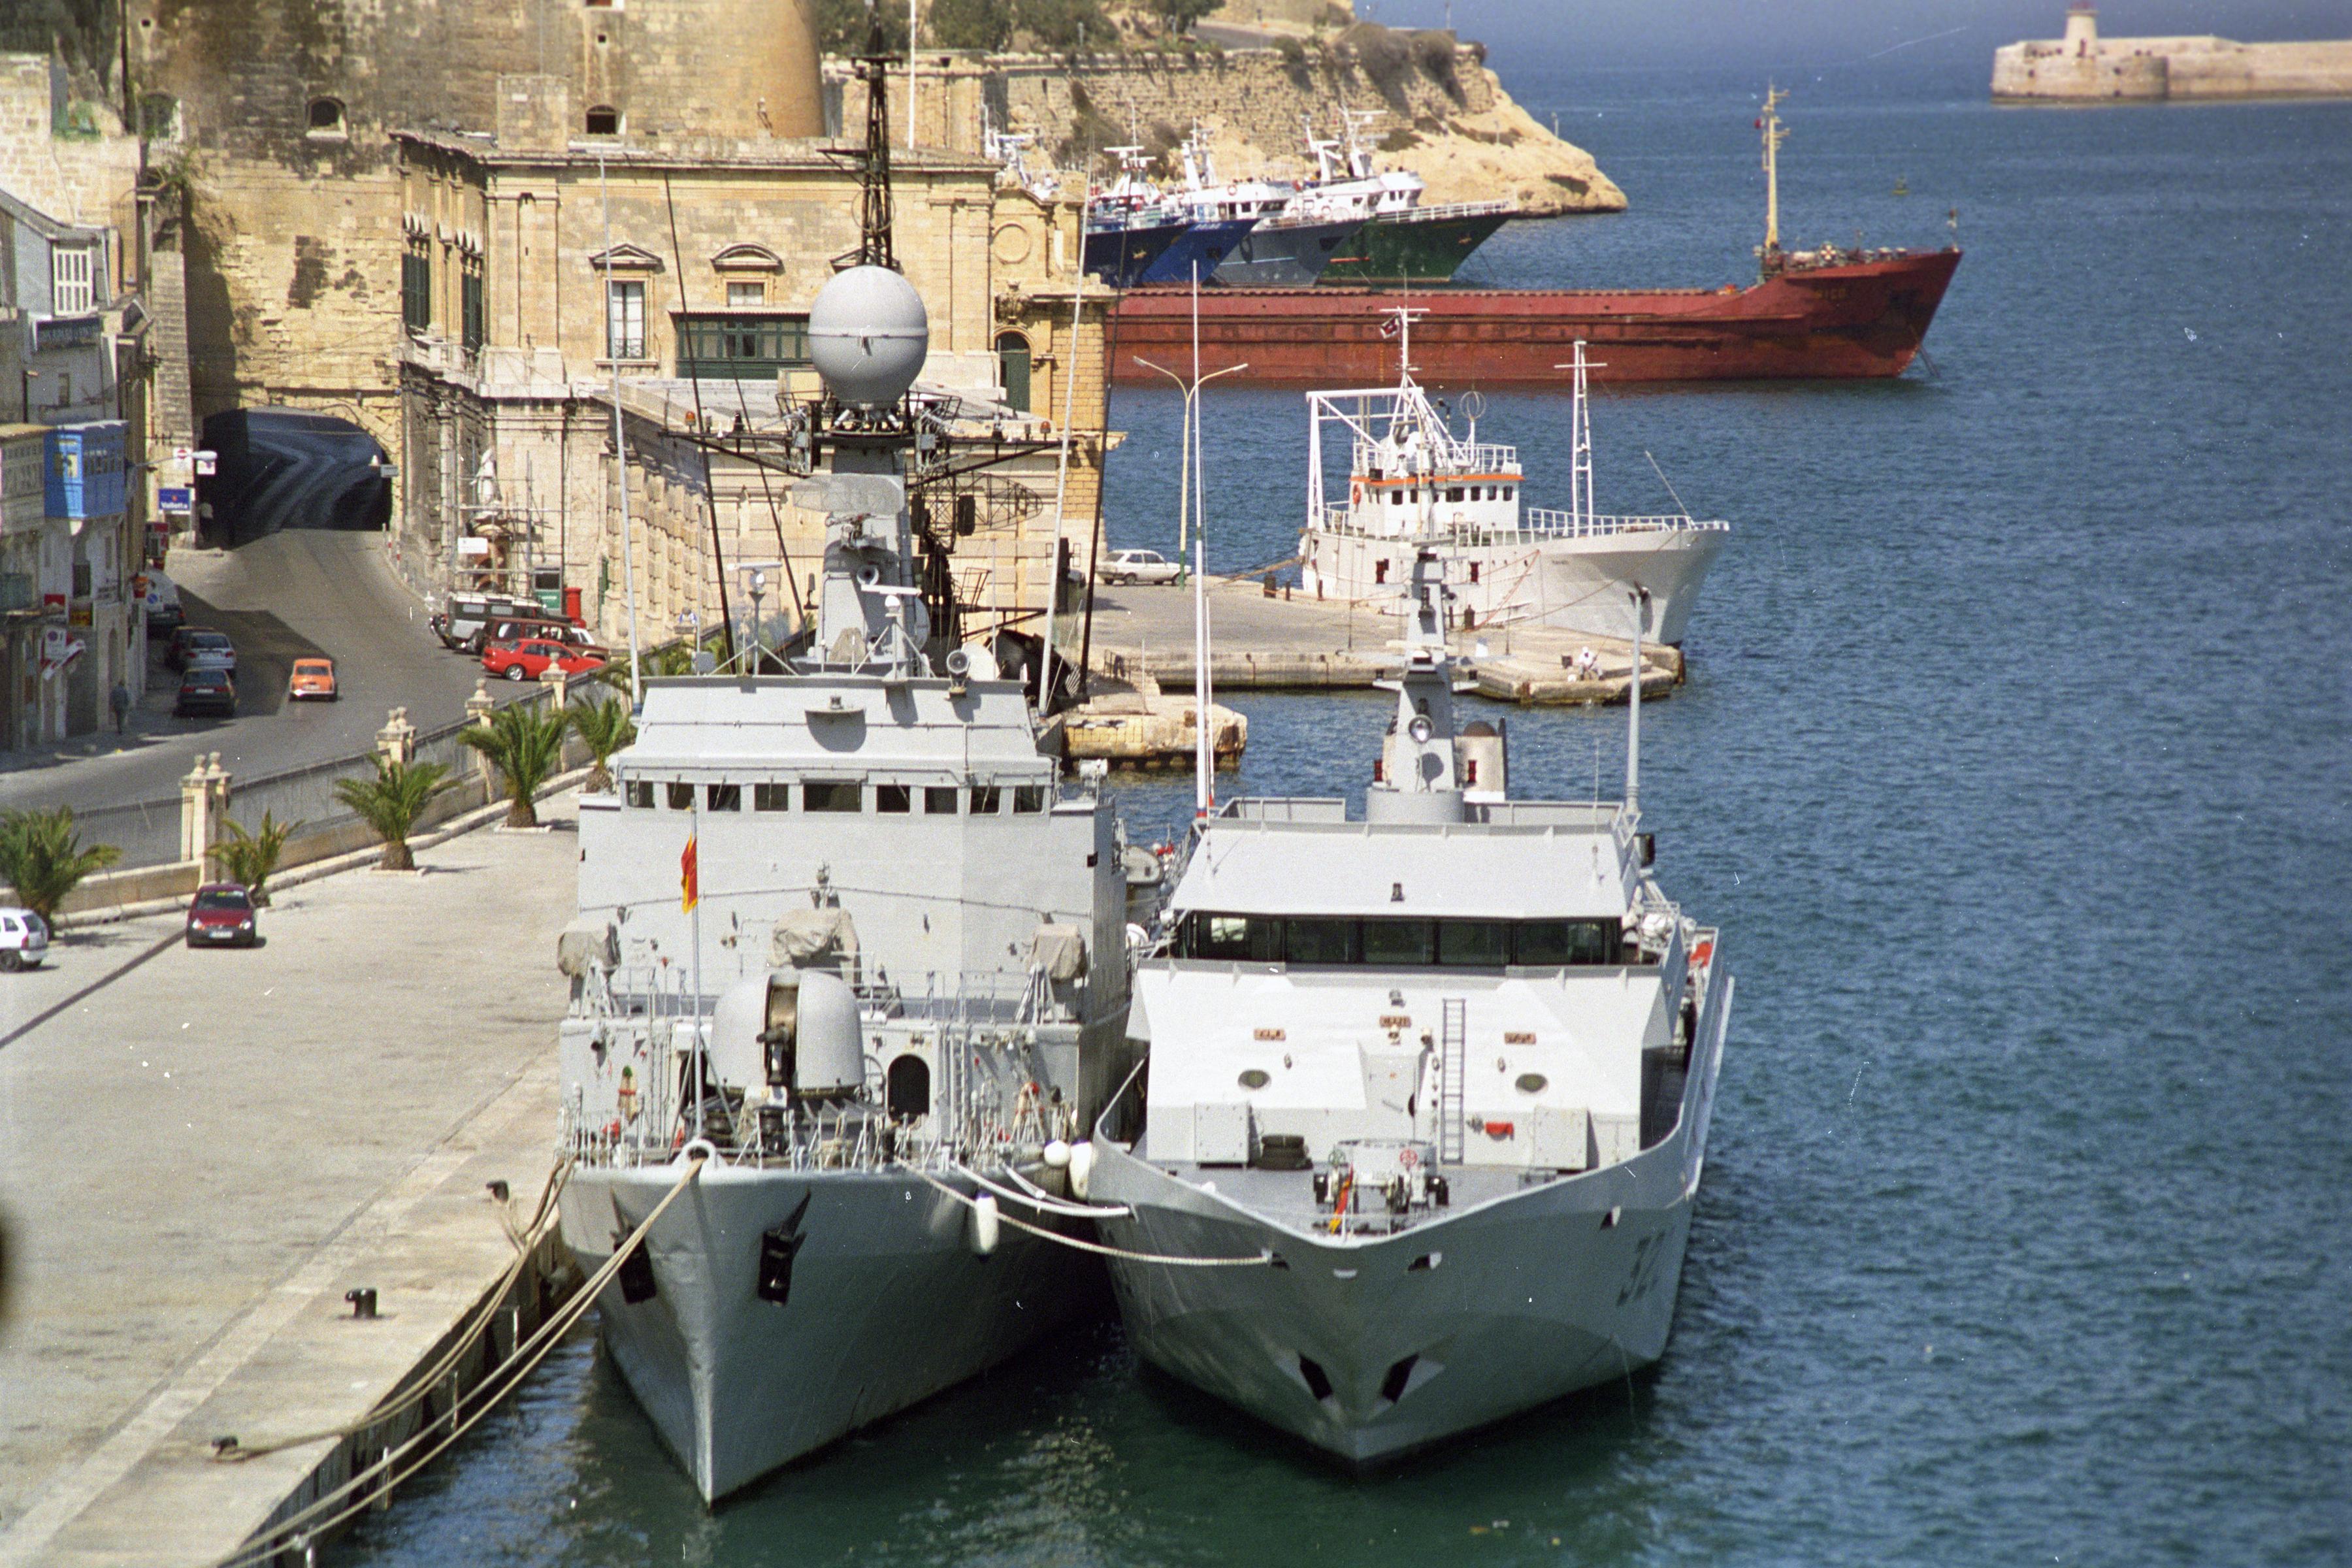 Royal Moroccan Navy Descubierta Frigate / Patrouilleur Océanique Lt Cl Errahmani - Bâtiment École - Page 3 24612883929_848a403663_o